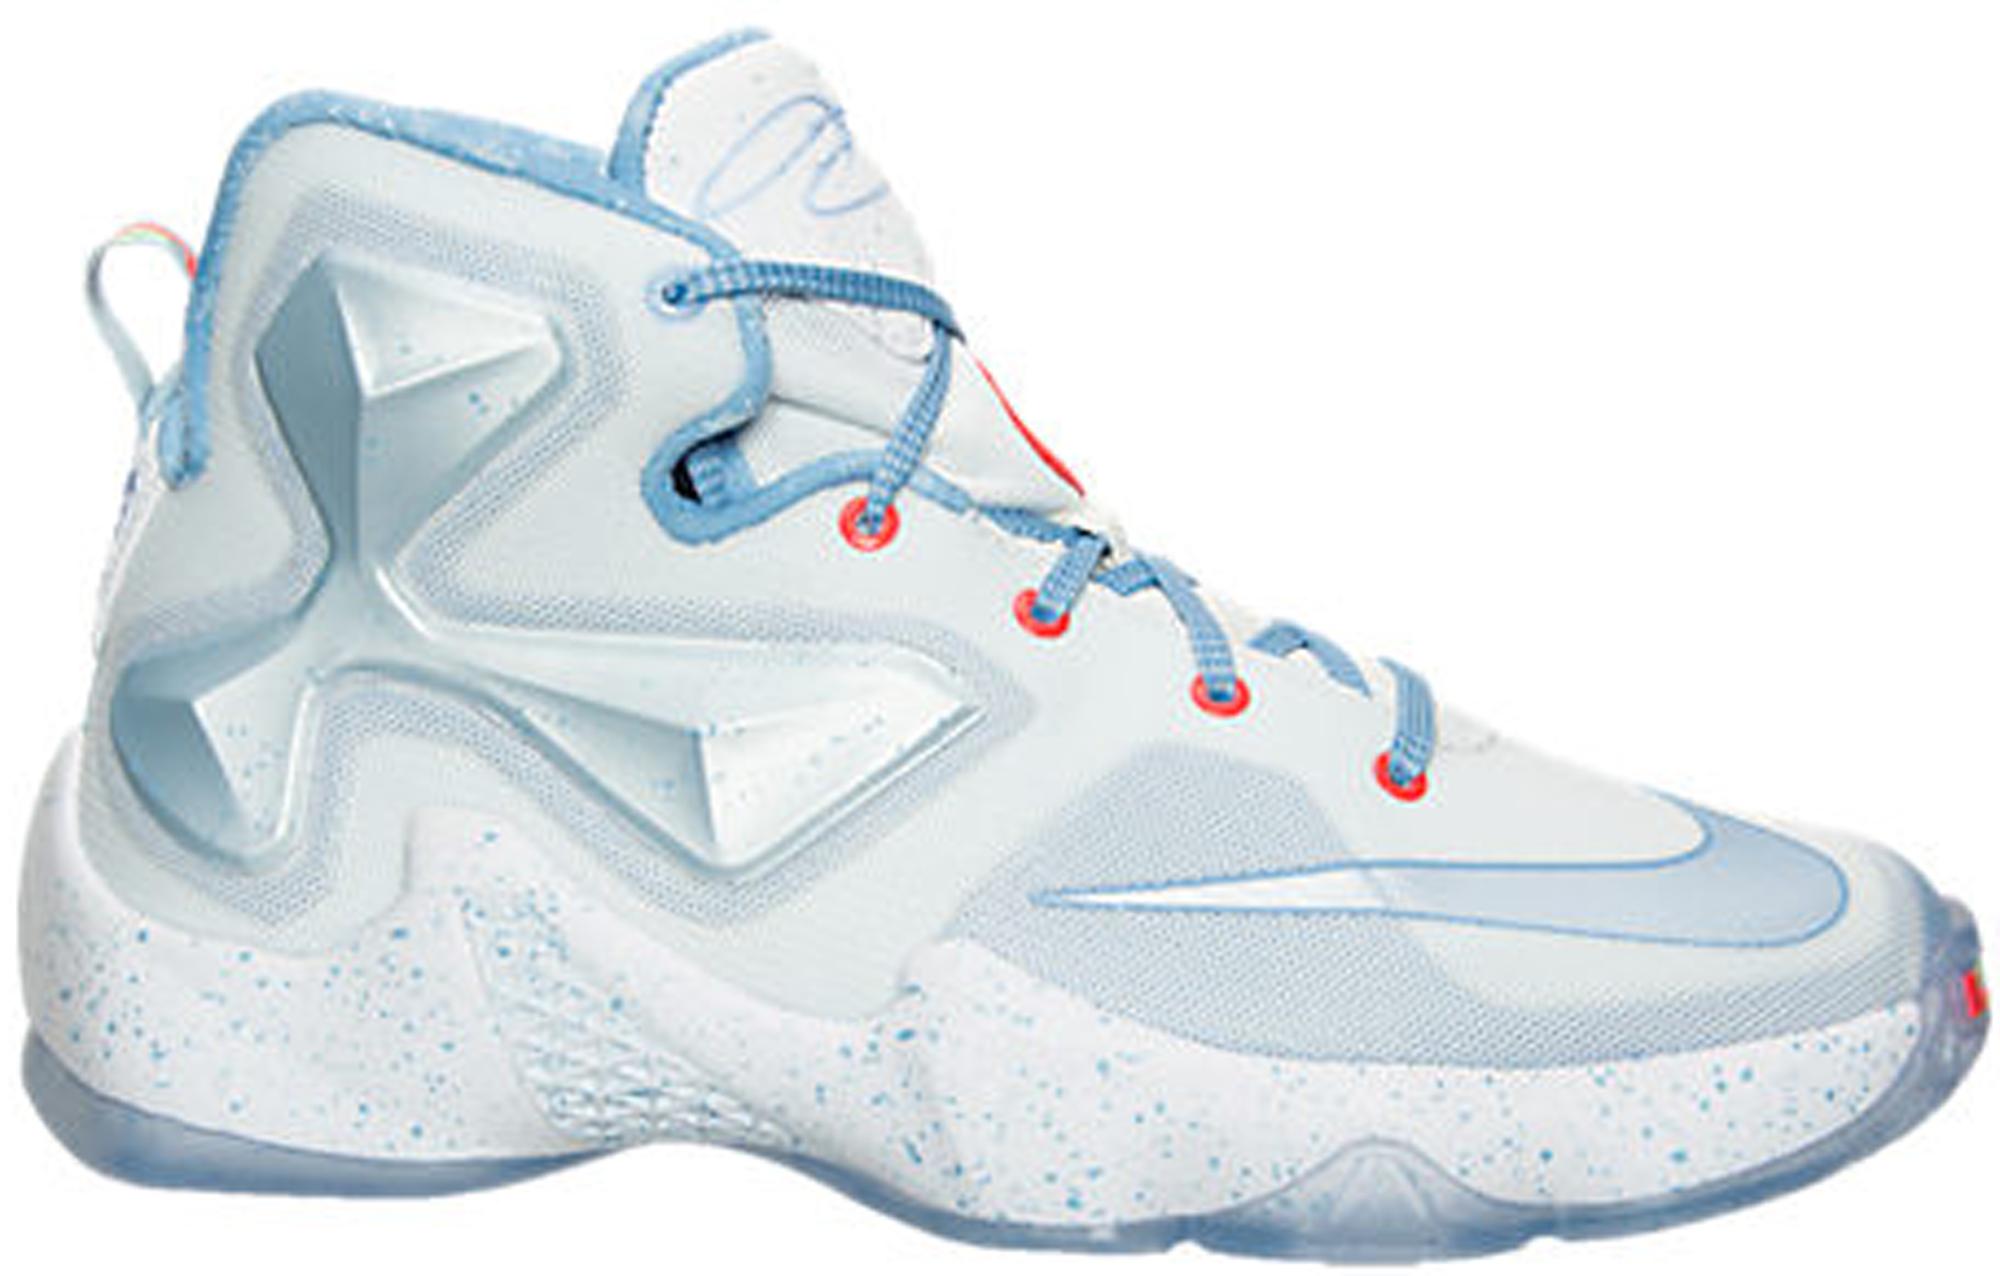 Nike LeBron 13 Christmas (GS) - 824502-144